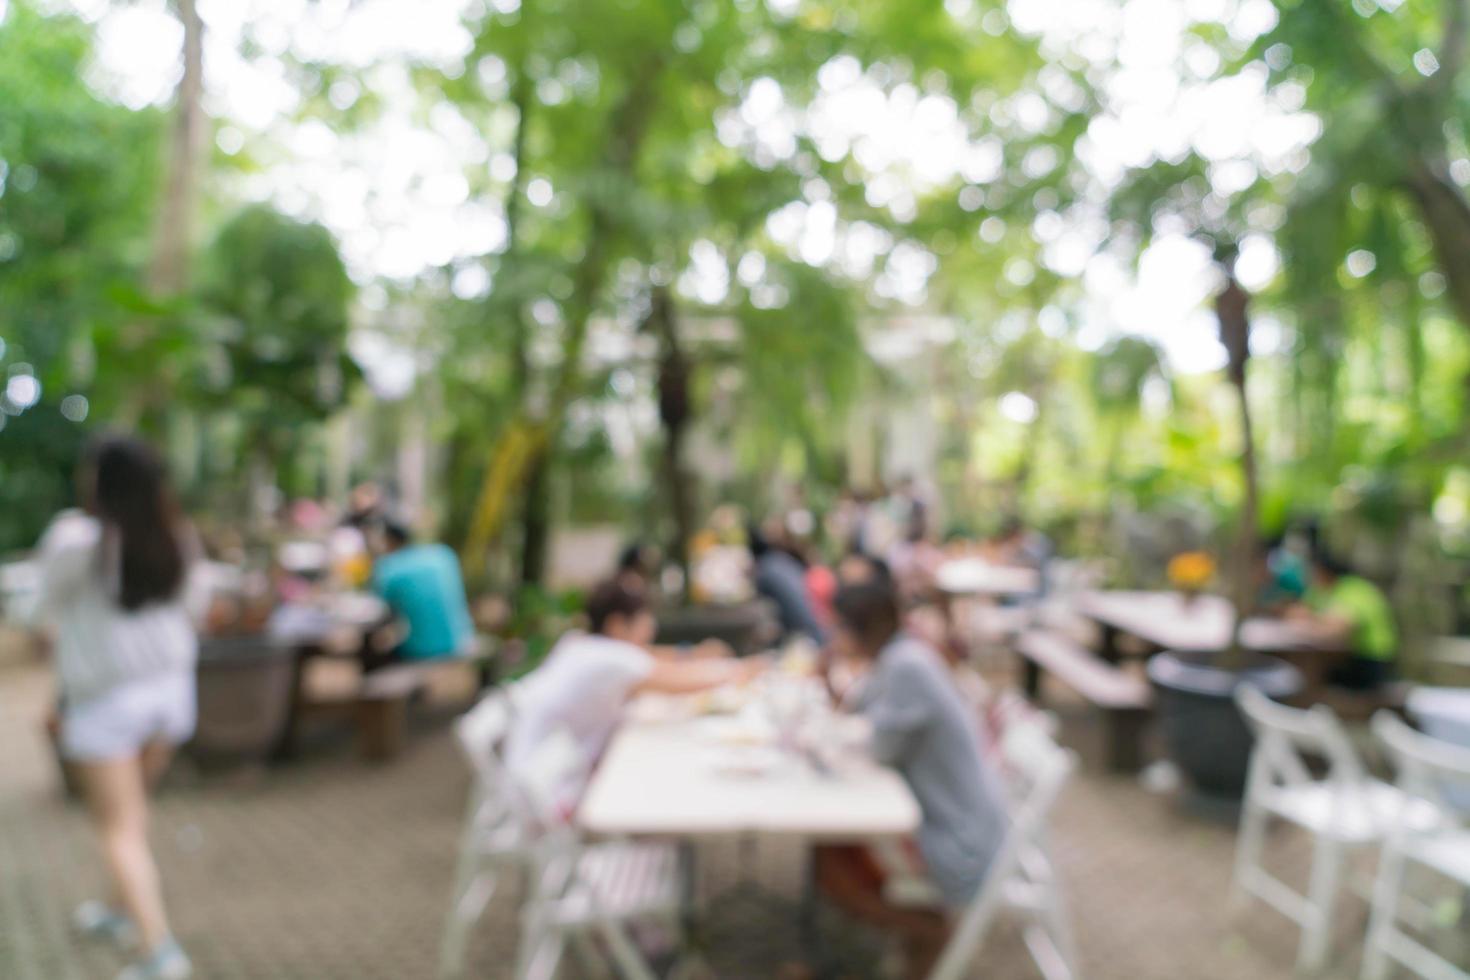 sfocatura astratta persone nel ristorante all'aperto per lo sfondo foto